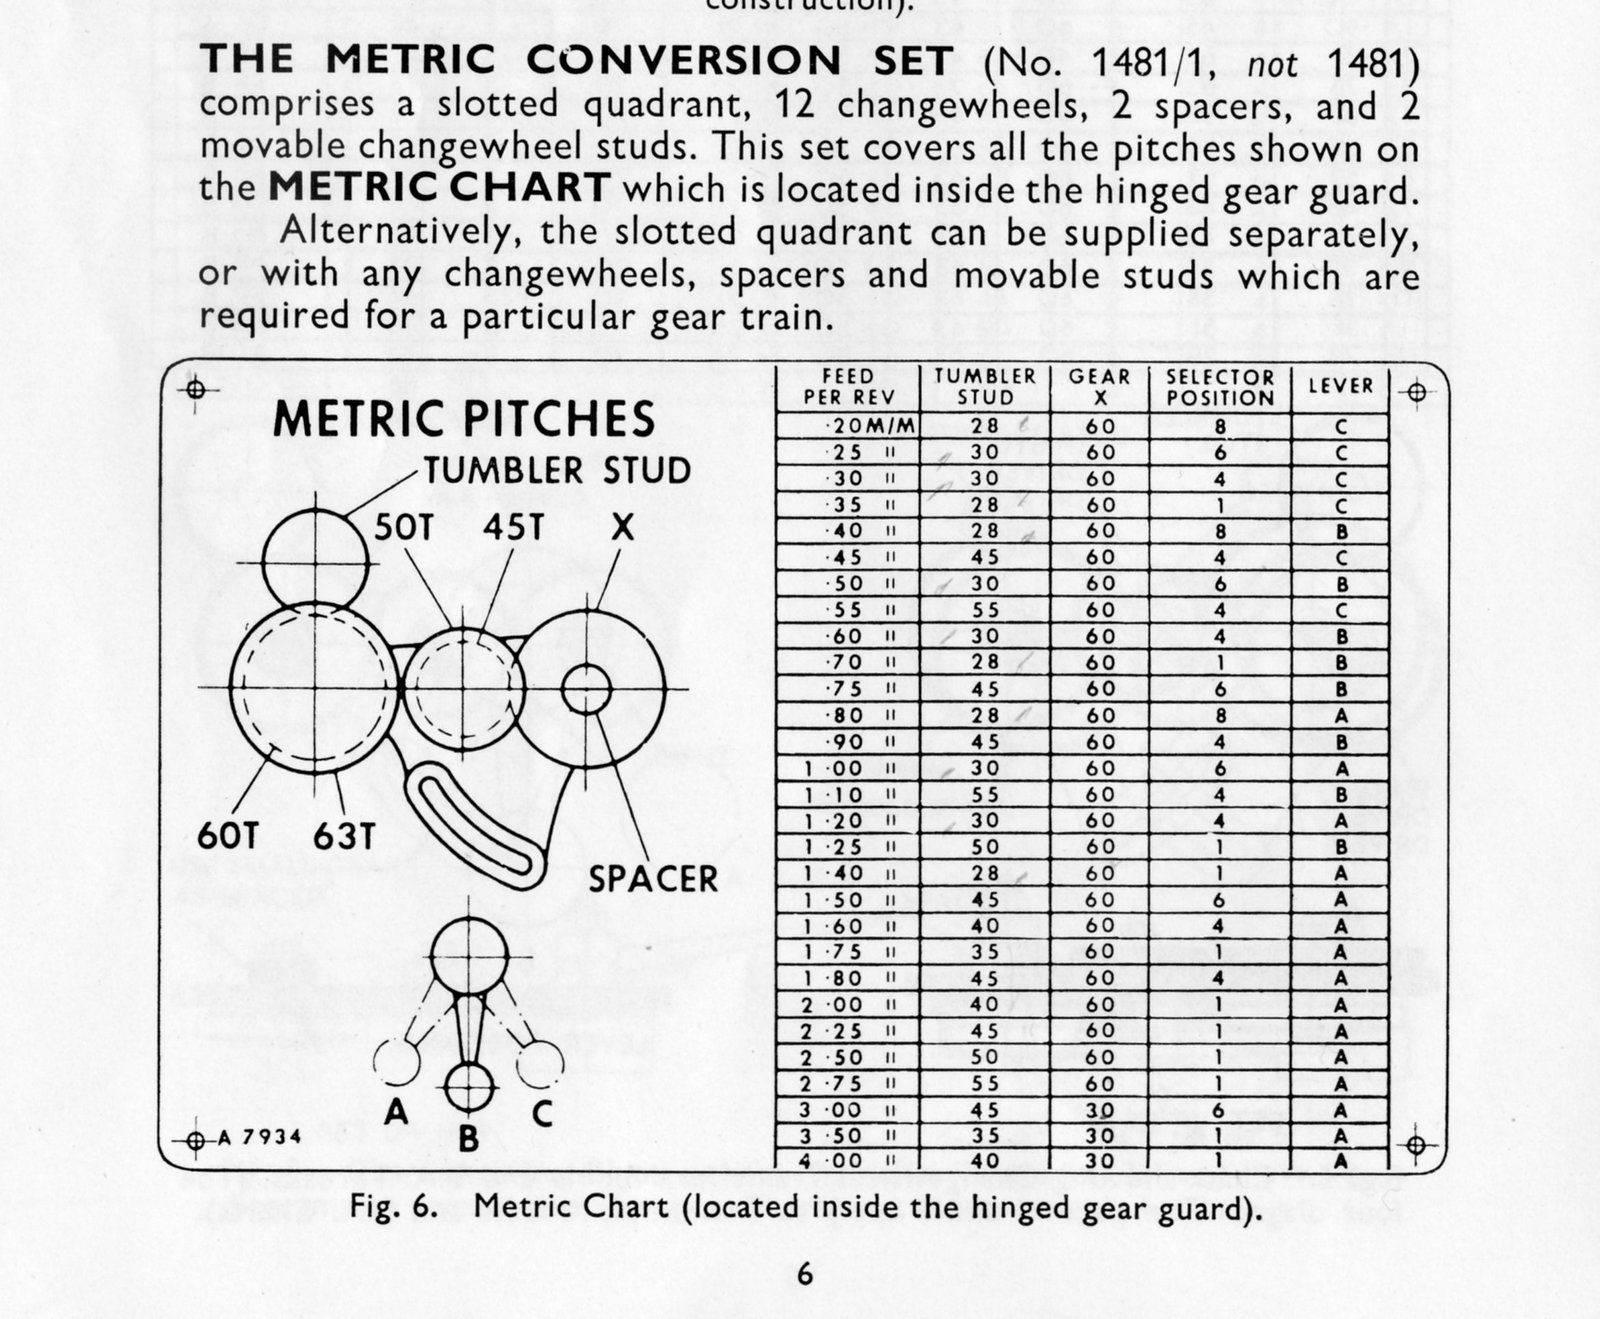 Myford_metric pitches.jpg